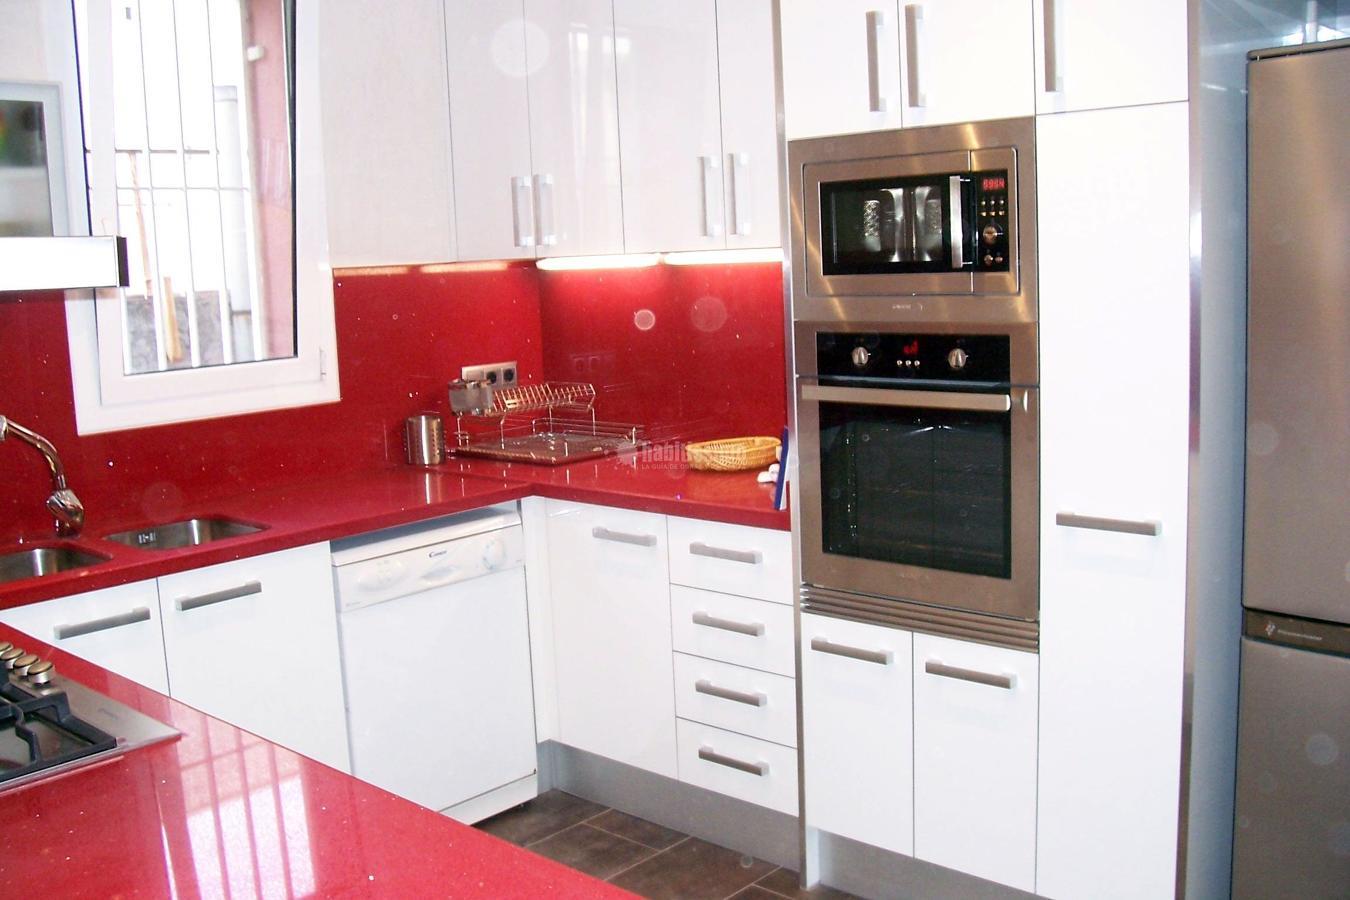 Fabrica Muebles De Cocina Madrid | Muebles De Cocina En Madrid ...